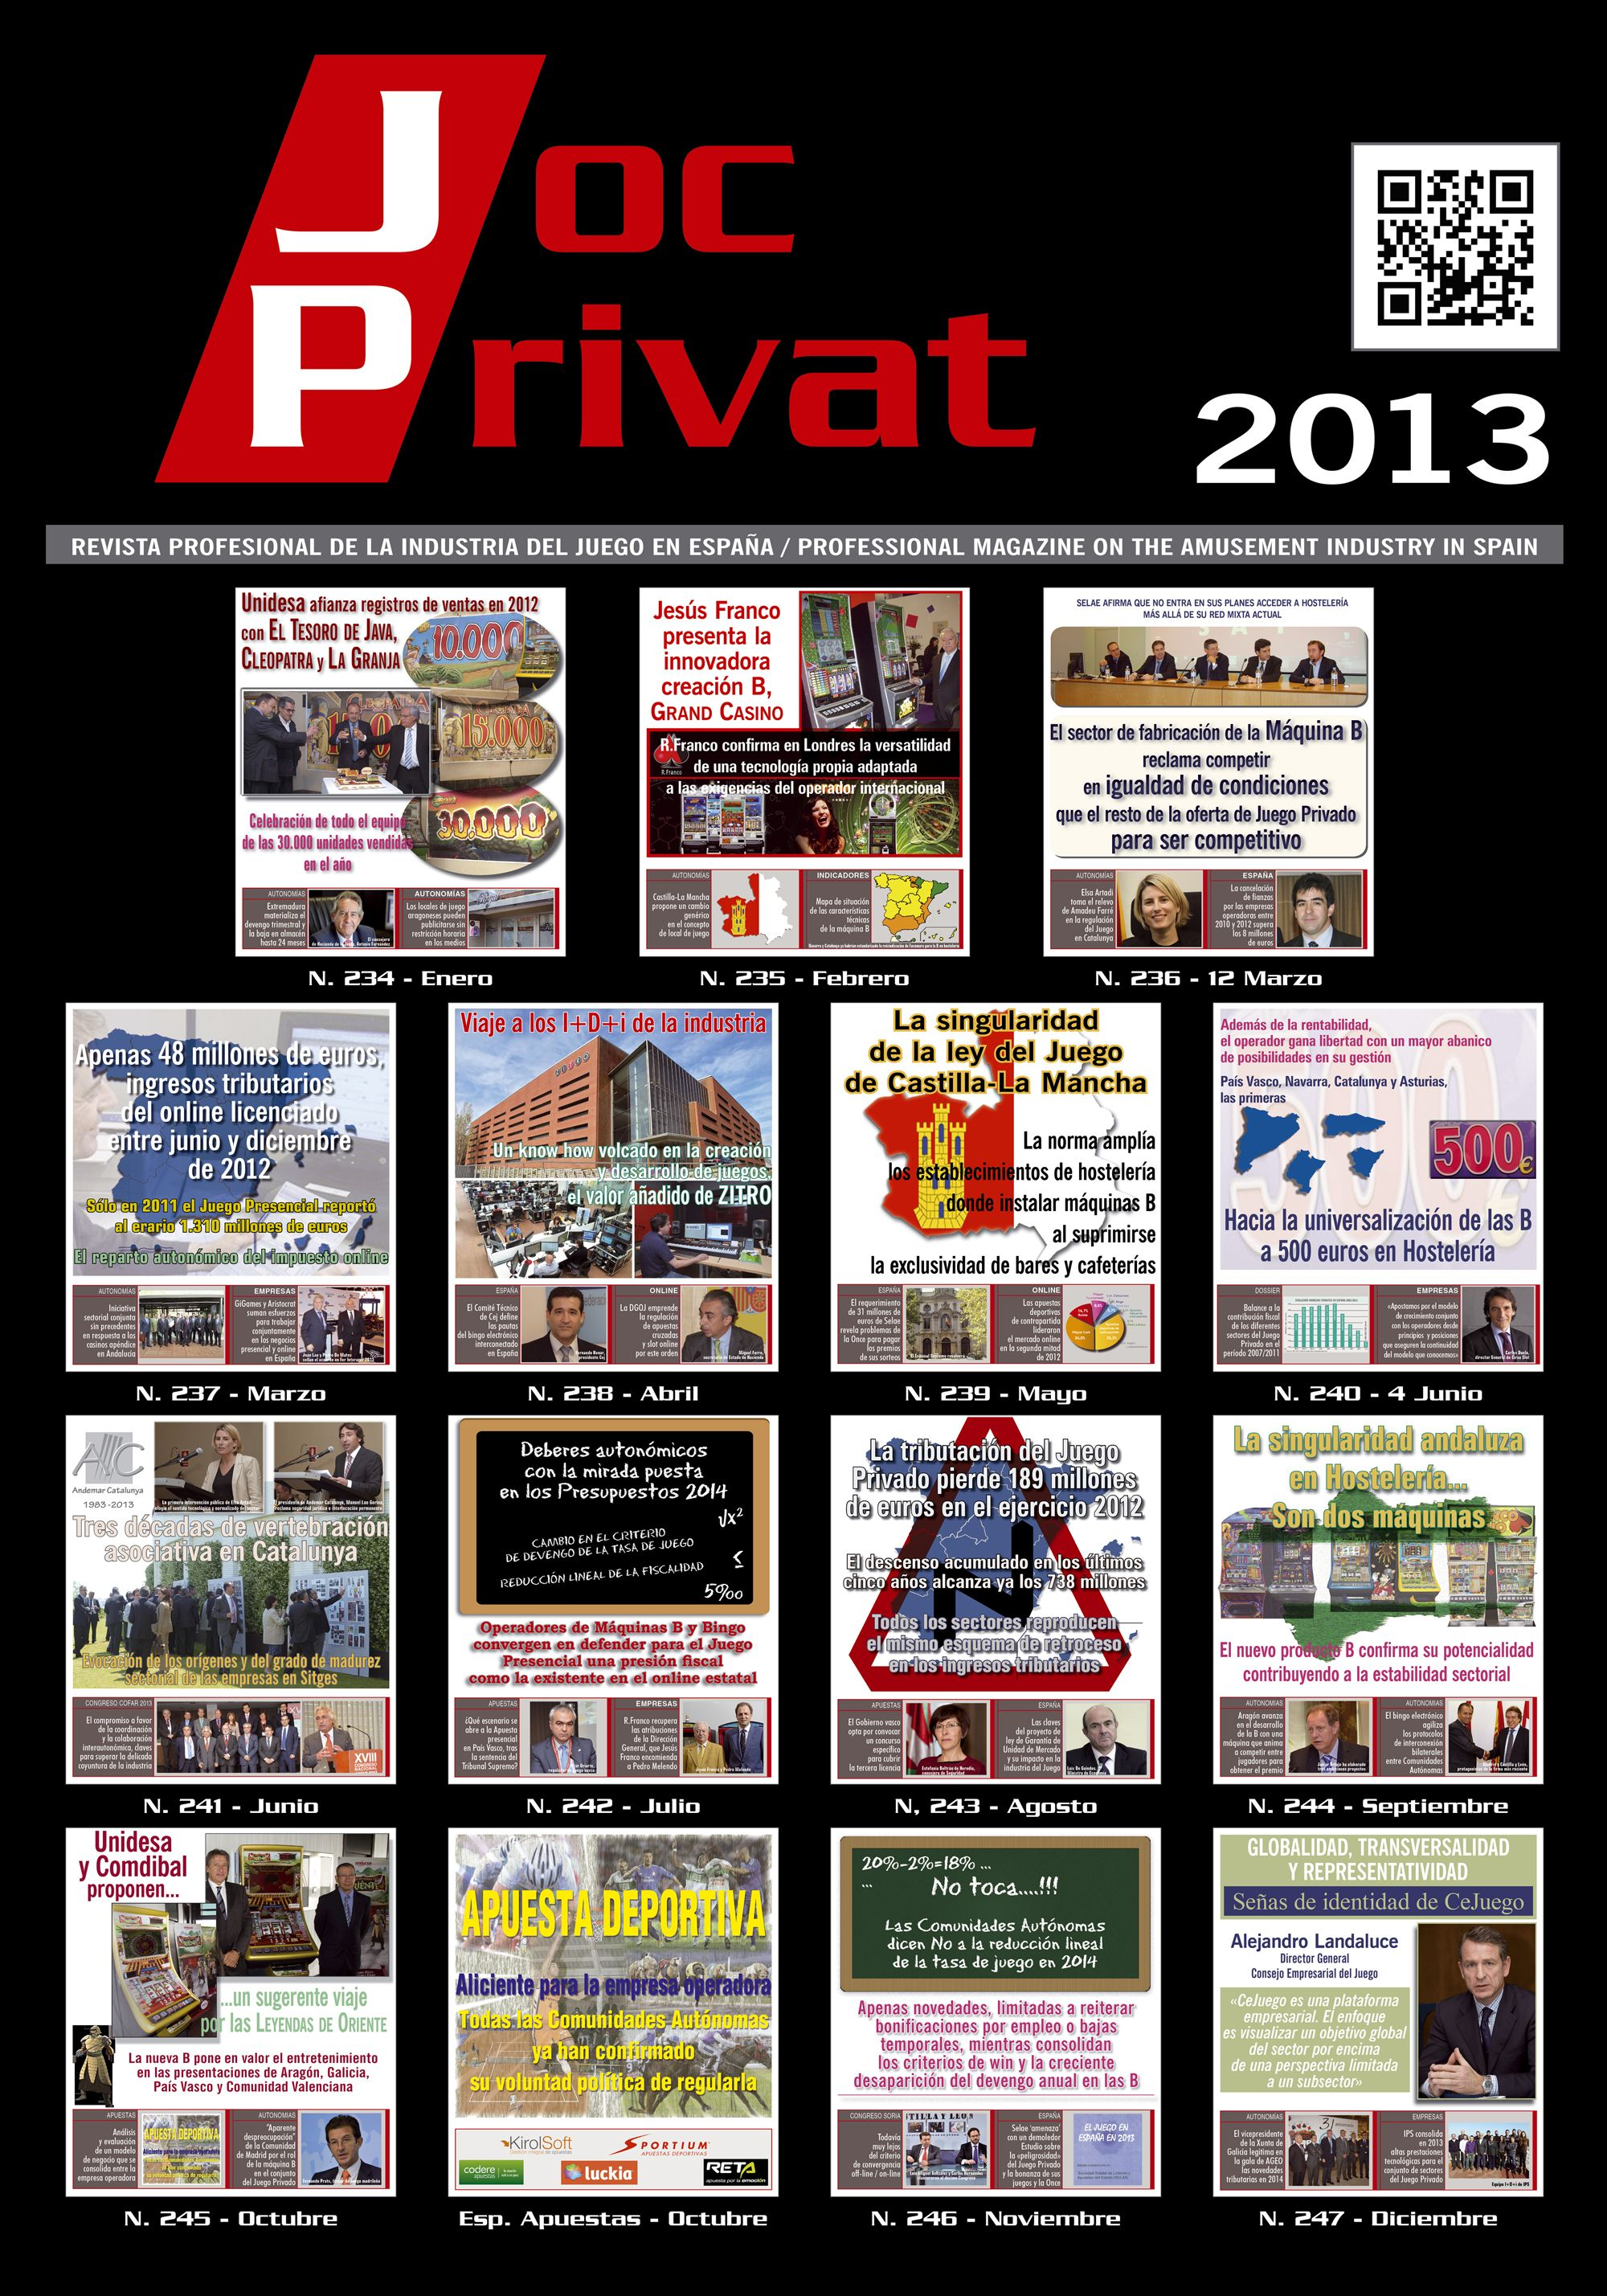 Revista Joc Privat. Portadas 2013